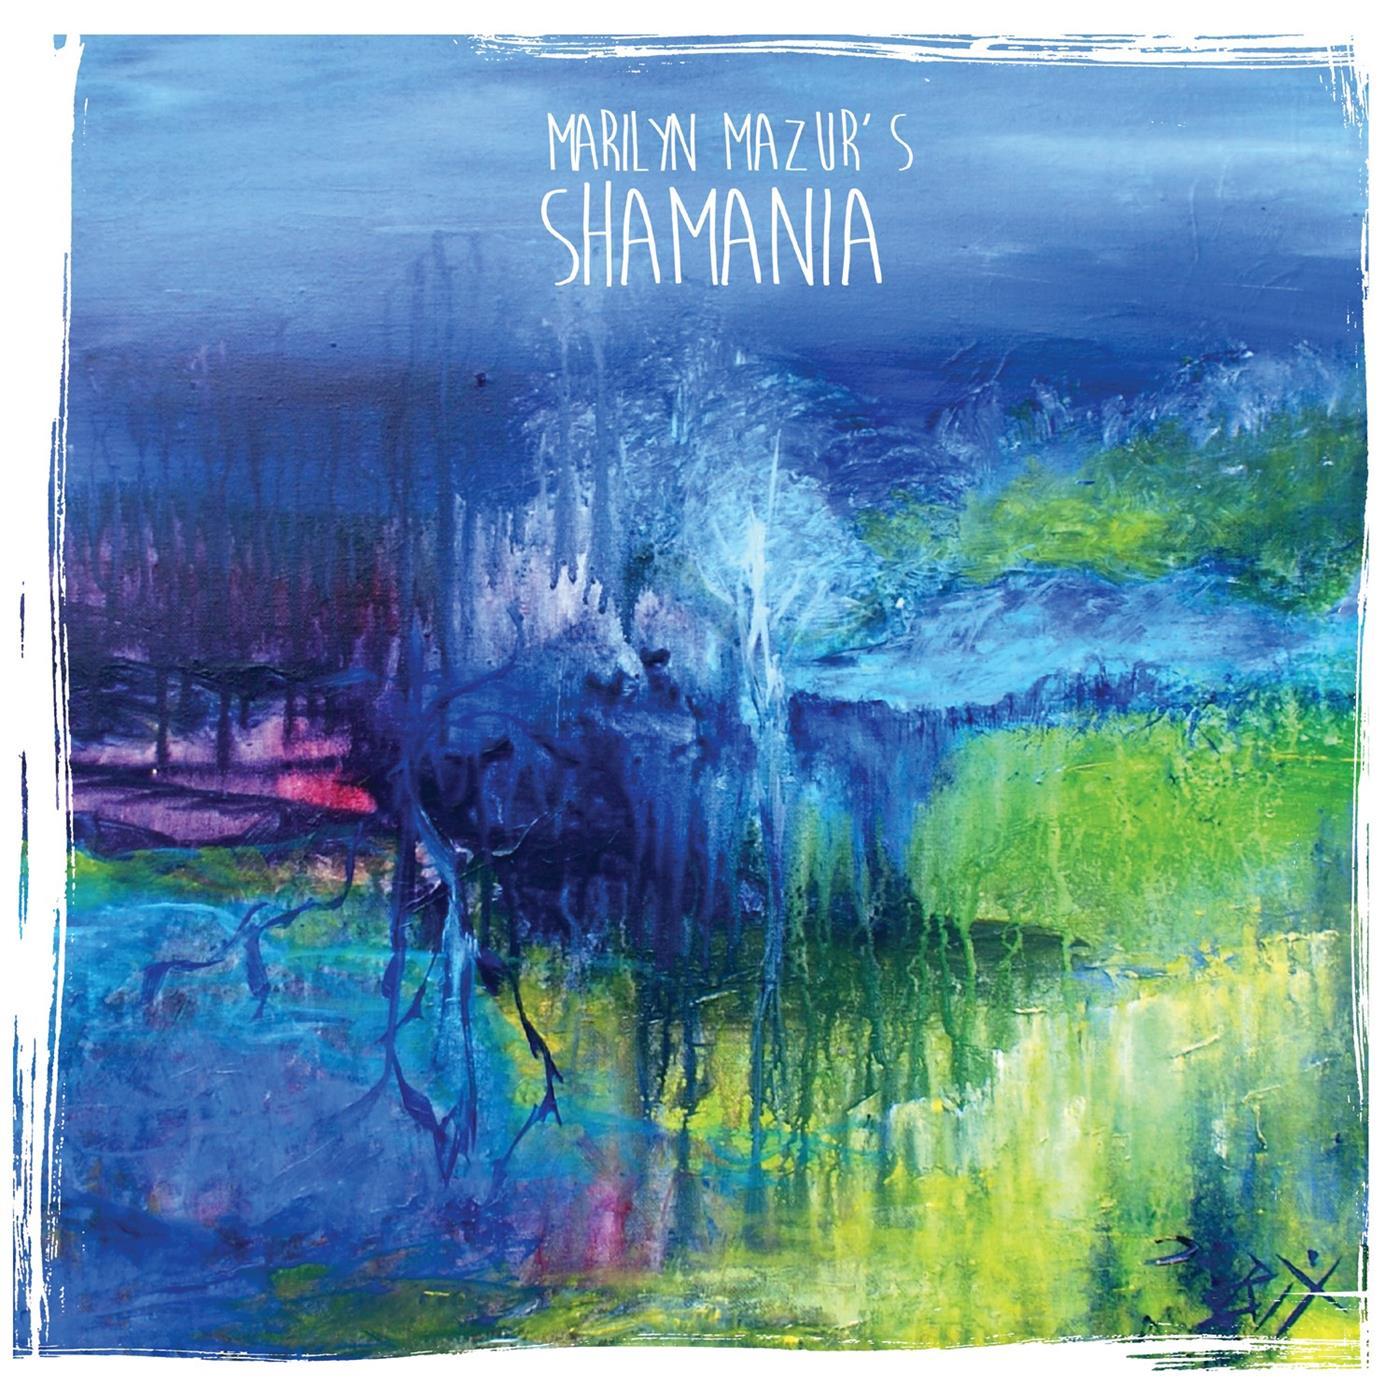 MARILYN MAZUR - Shamania cover